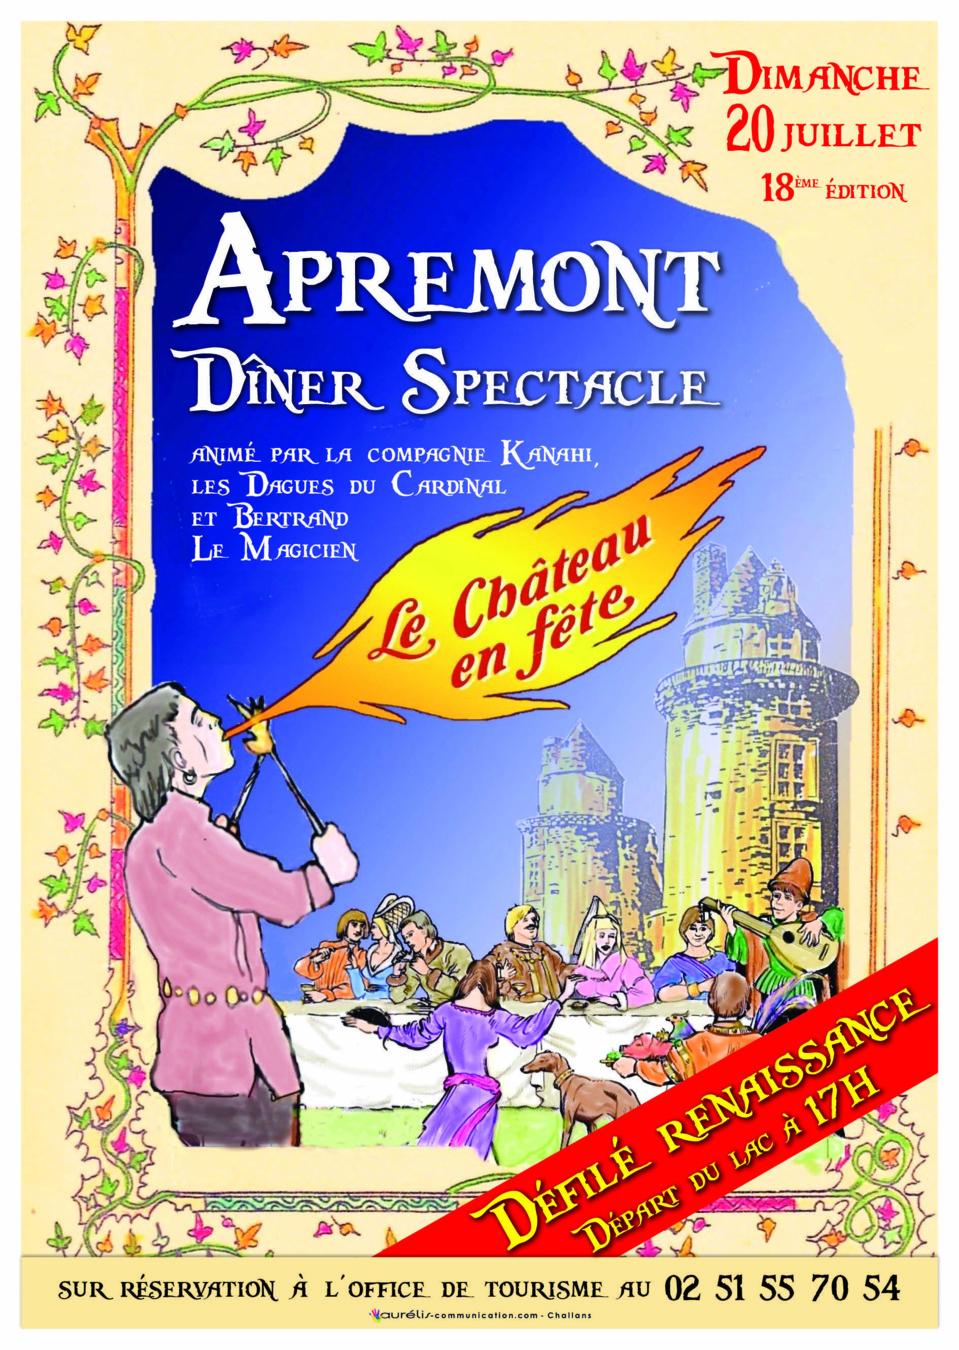 Le Chateau en Fête à Apremont le dimanche 20 juillet